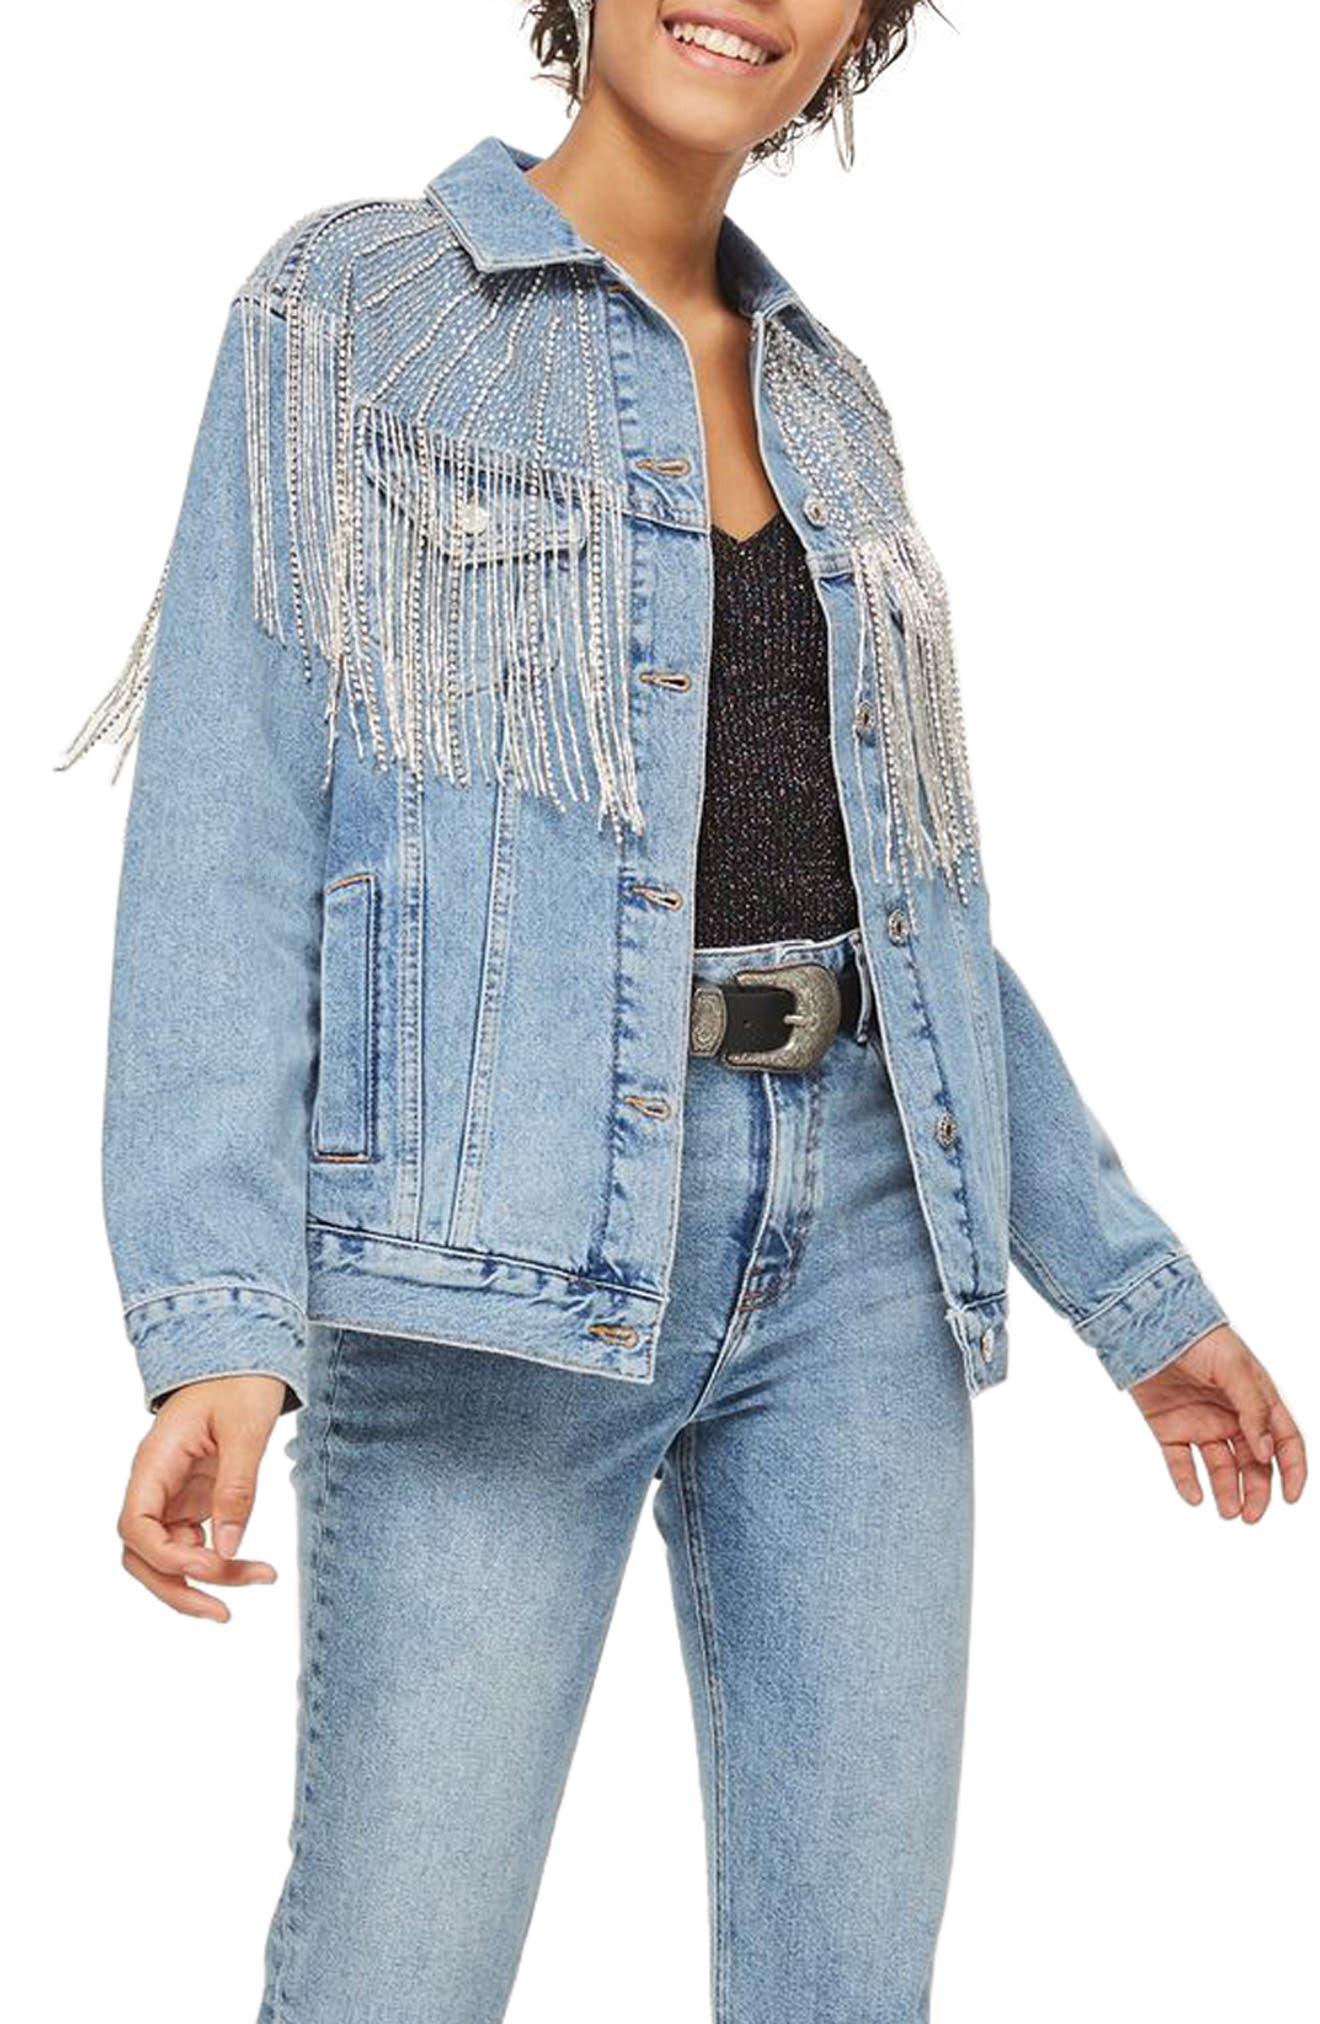 Alternate Image 1 Selected - Topshop Dolly Sequin Fringe Denim Jacket